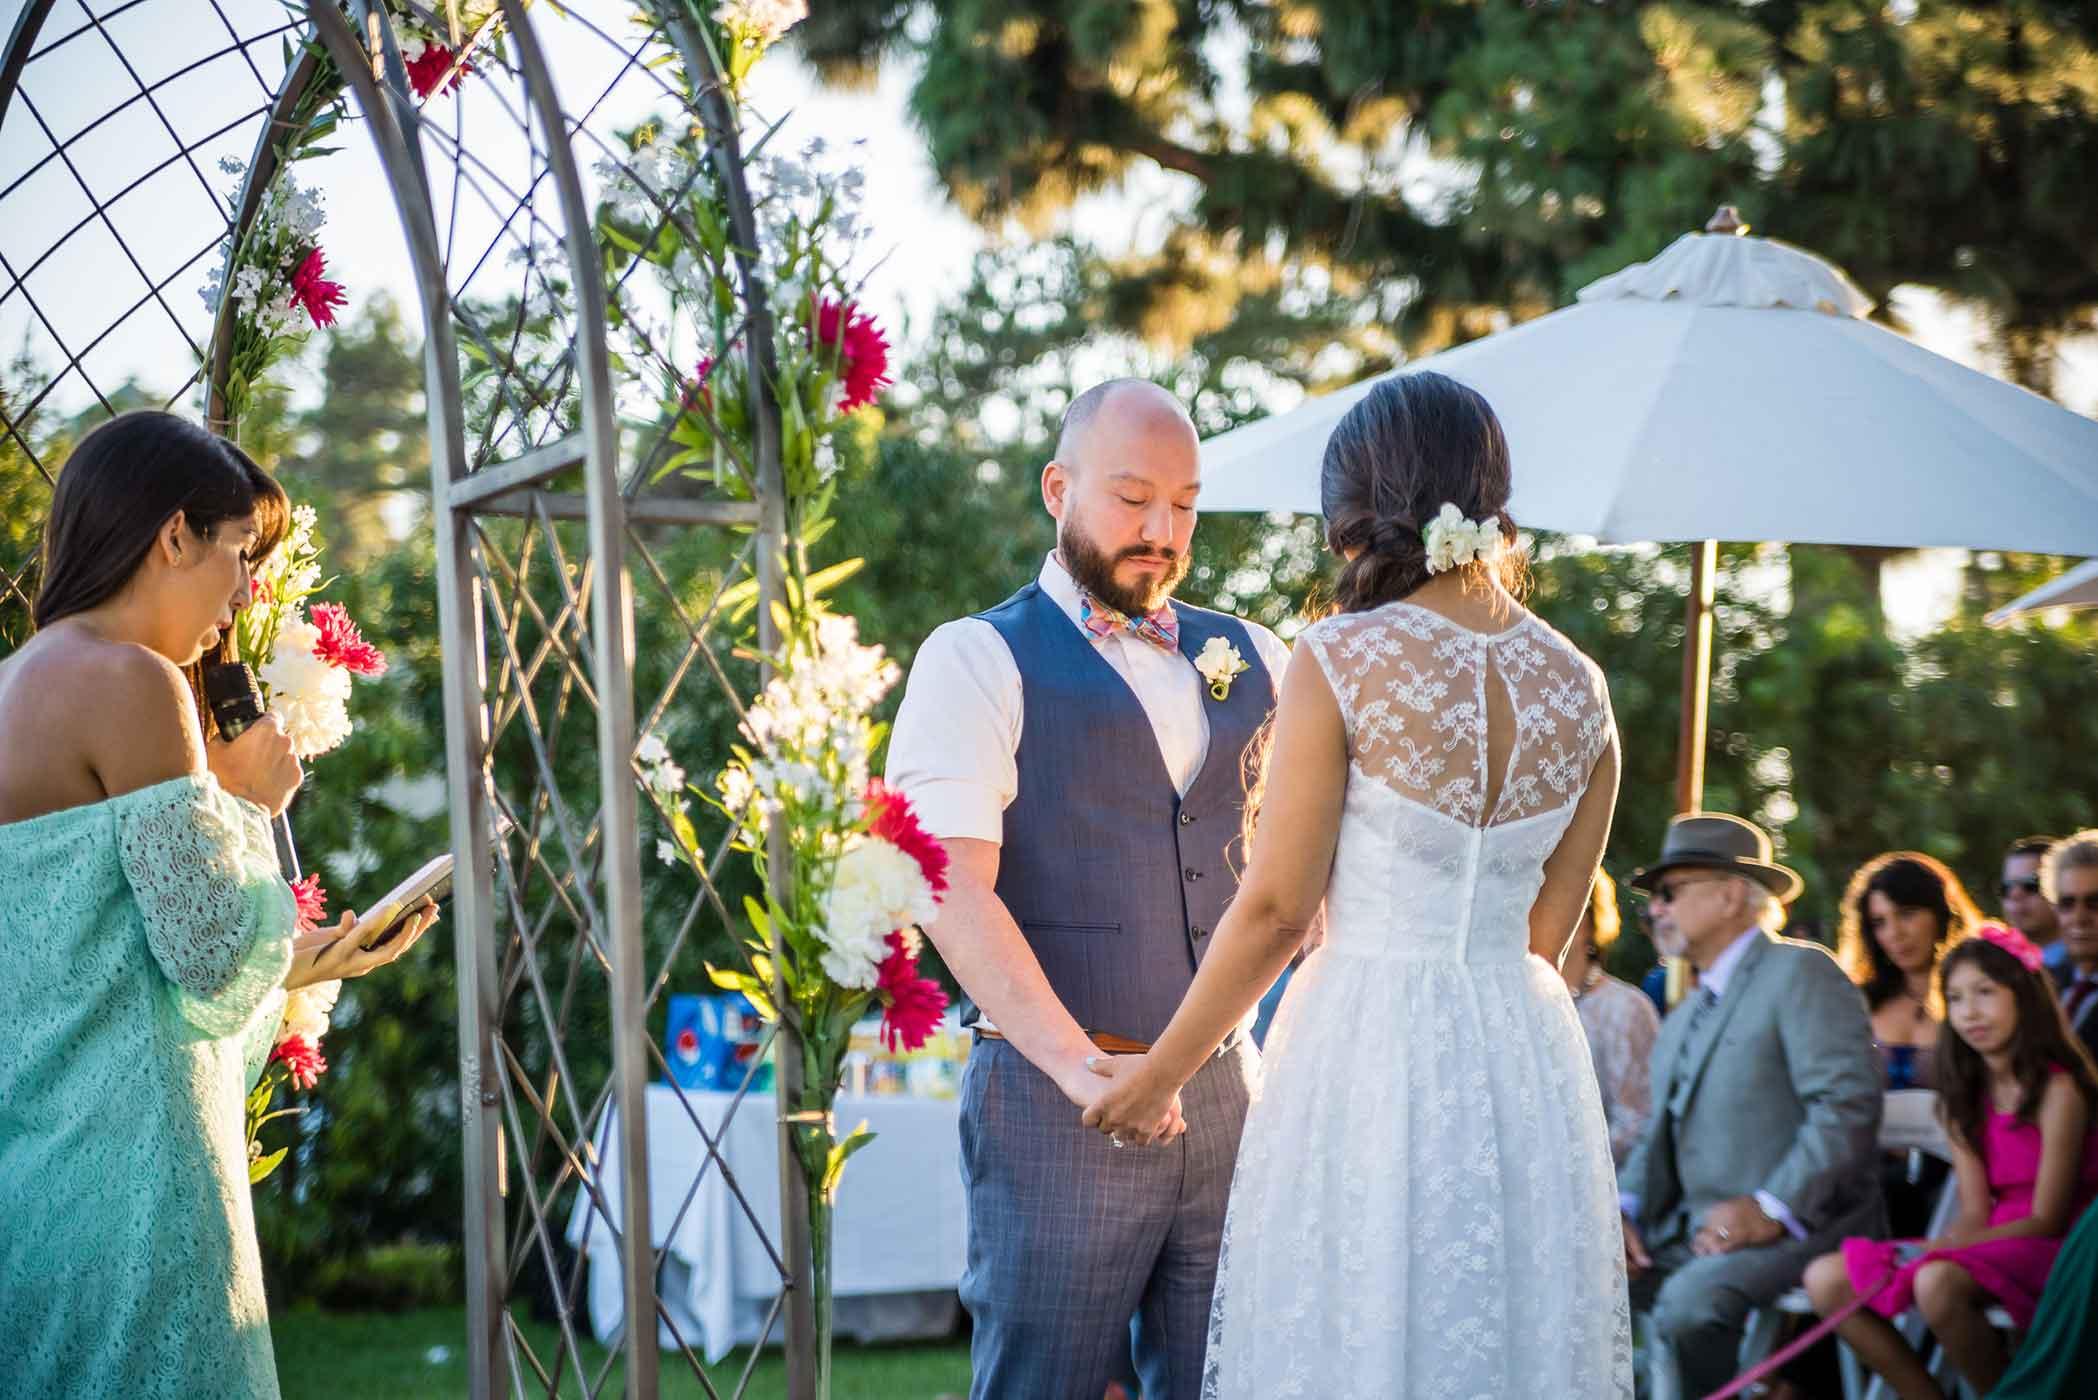 smlNahal-+-Joe-Wedding---Aug-2015-93.jpg